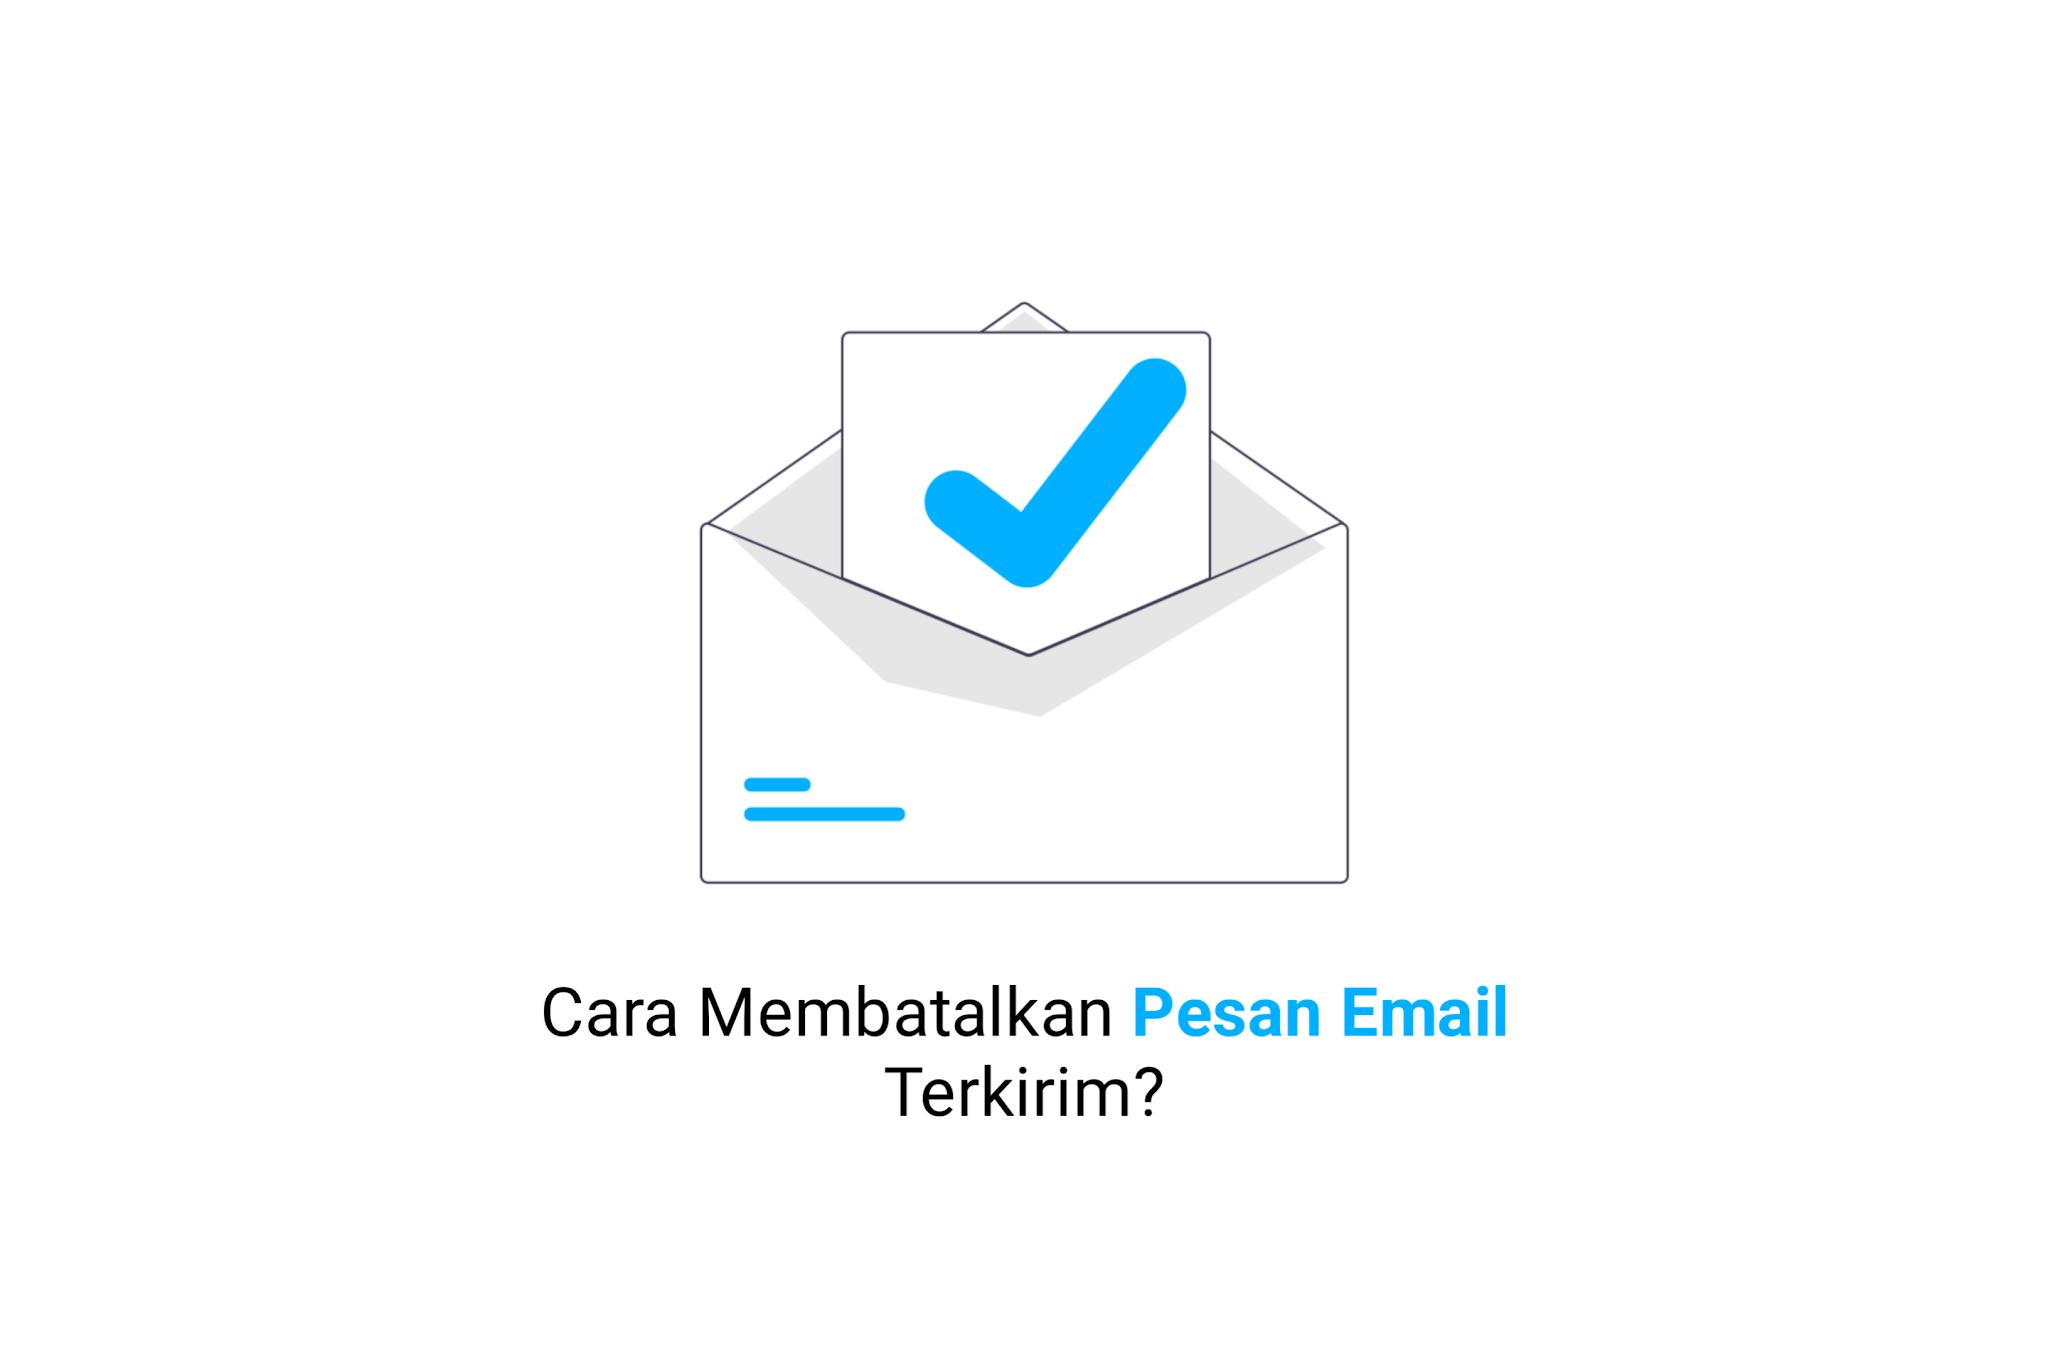 Cara Membatalkan Pesan Email Terkirim?